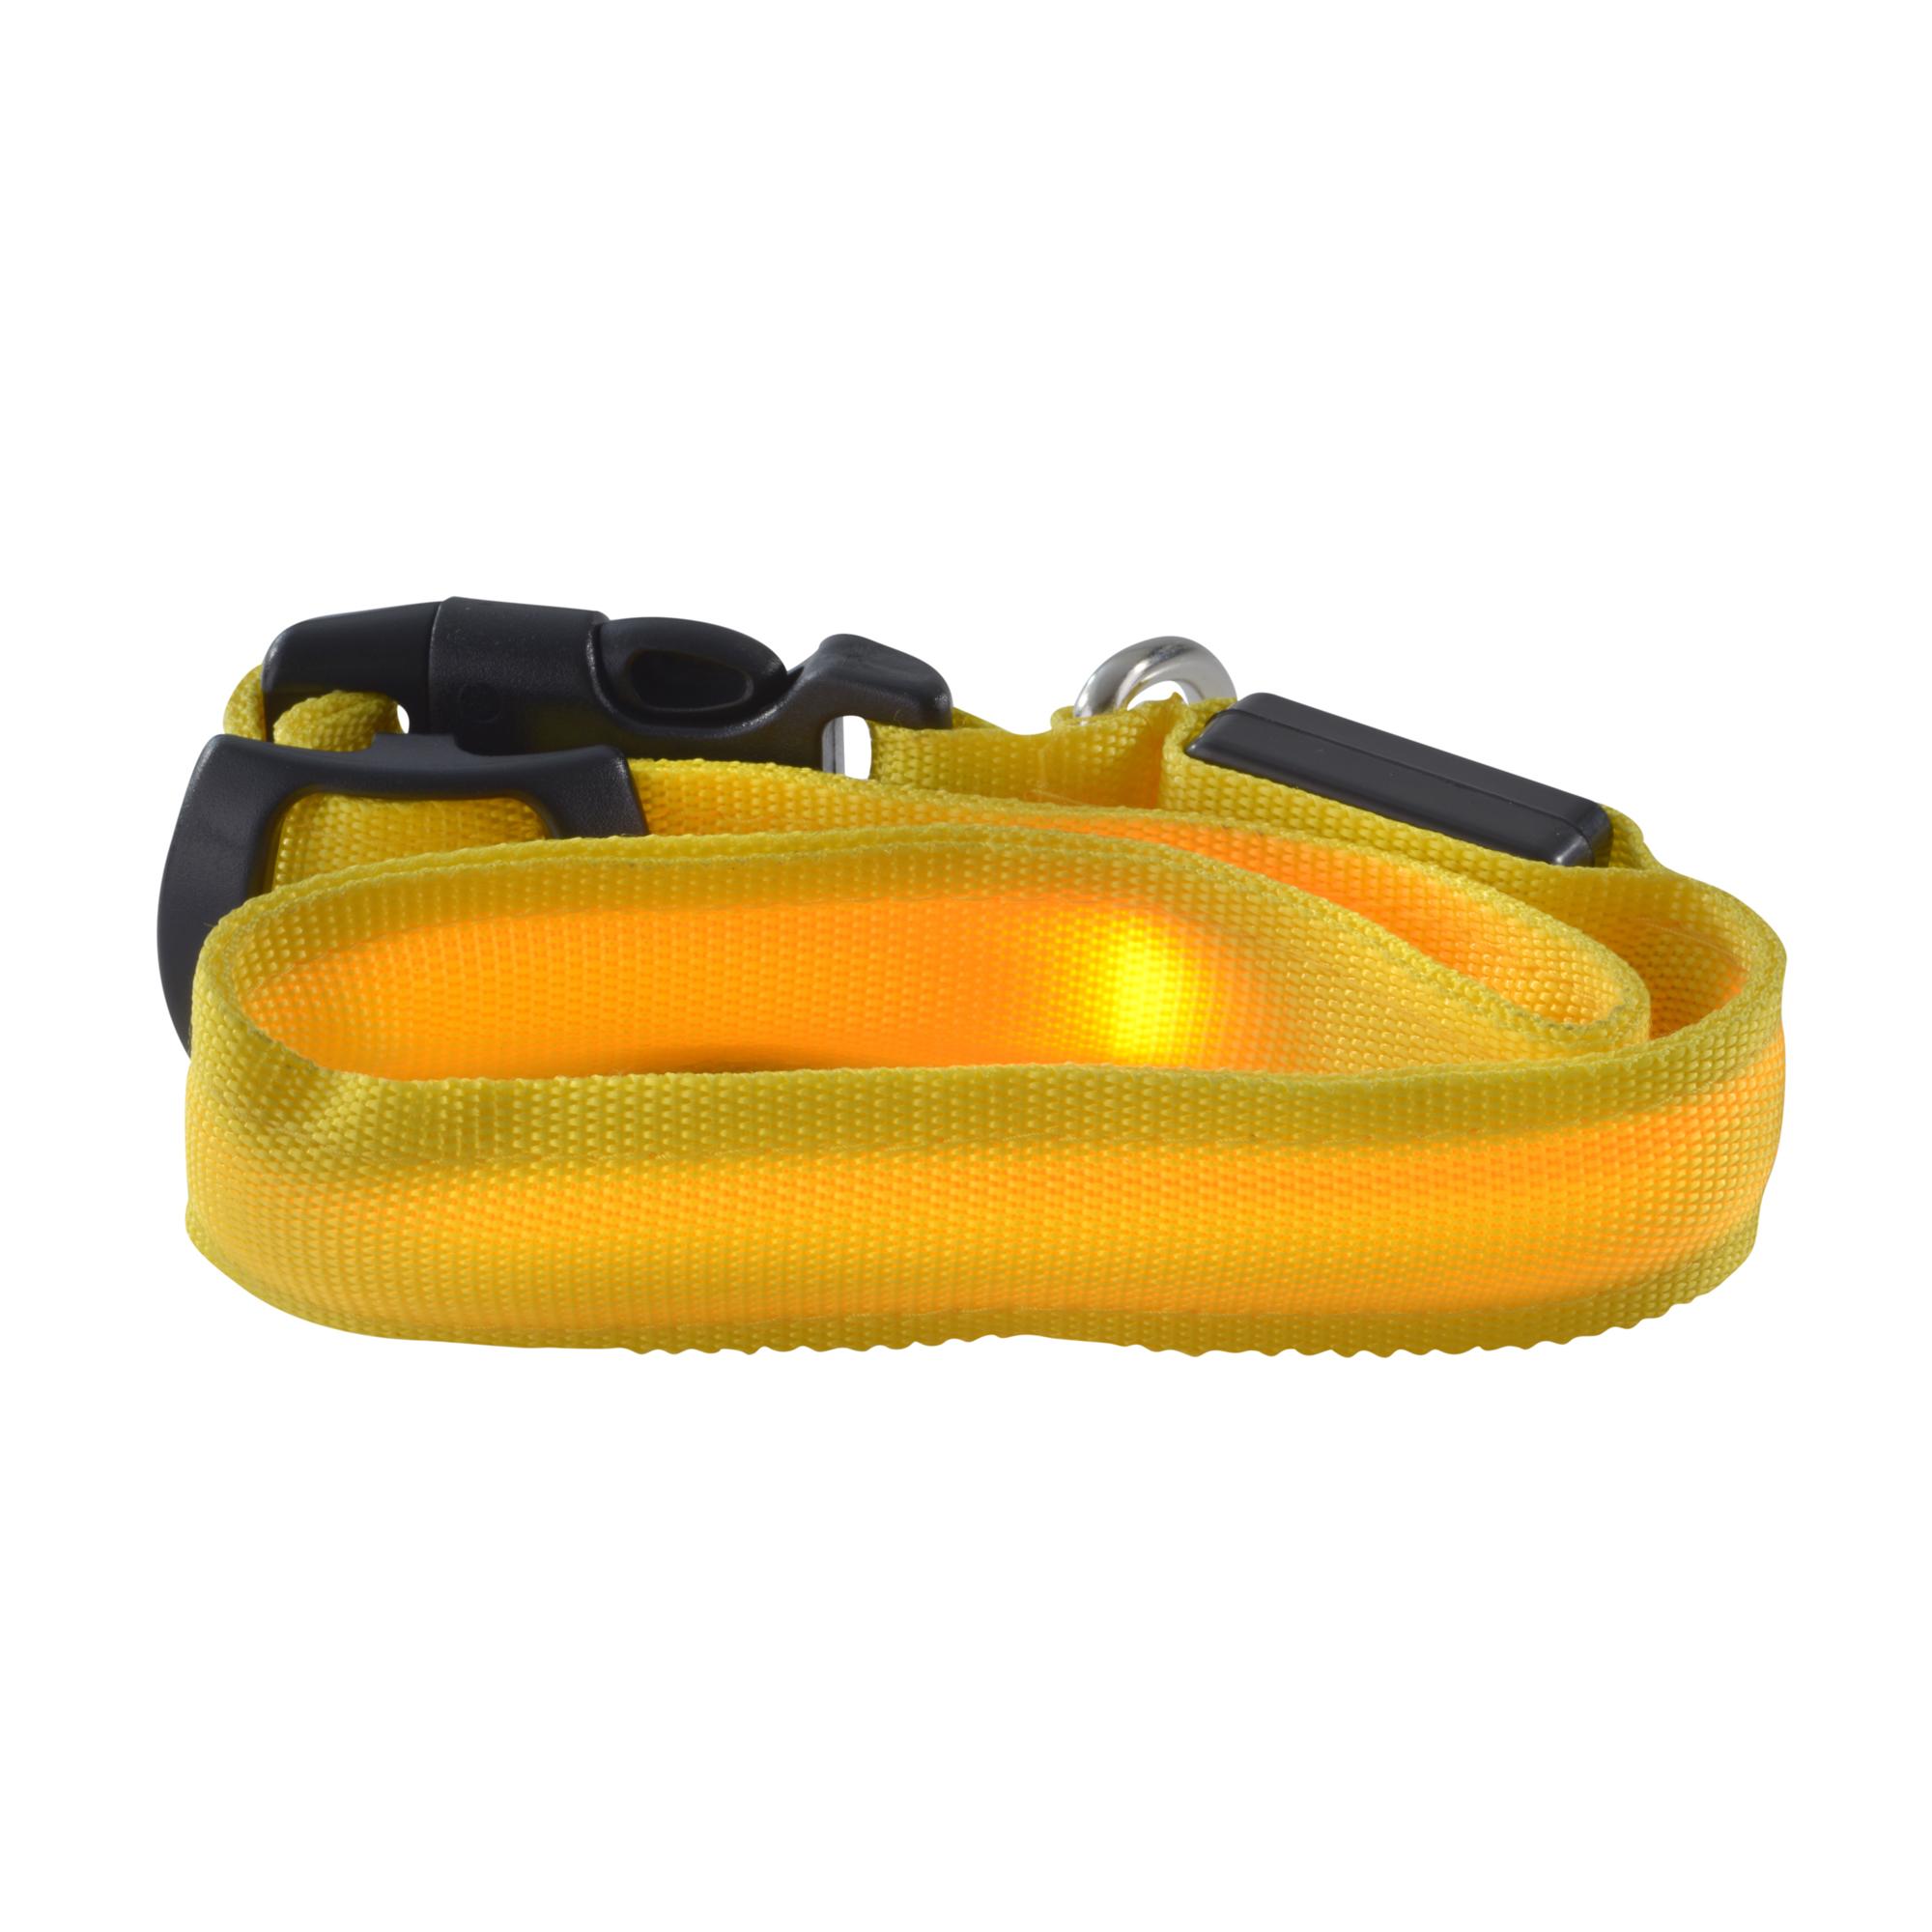 Lampada LED ultron save-E Lampada LED Hundehalsband gelb